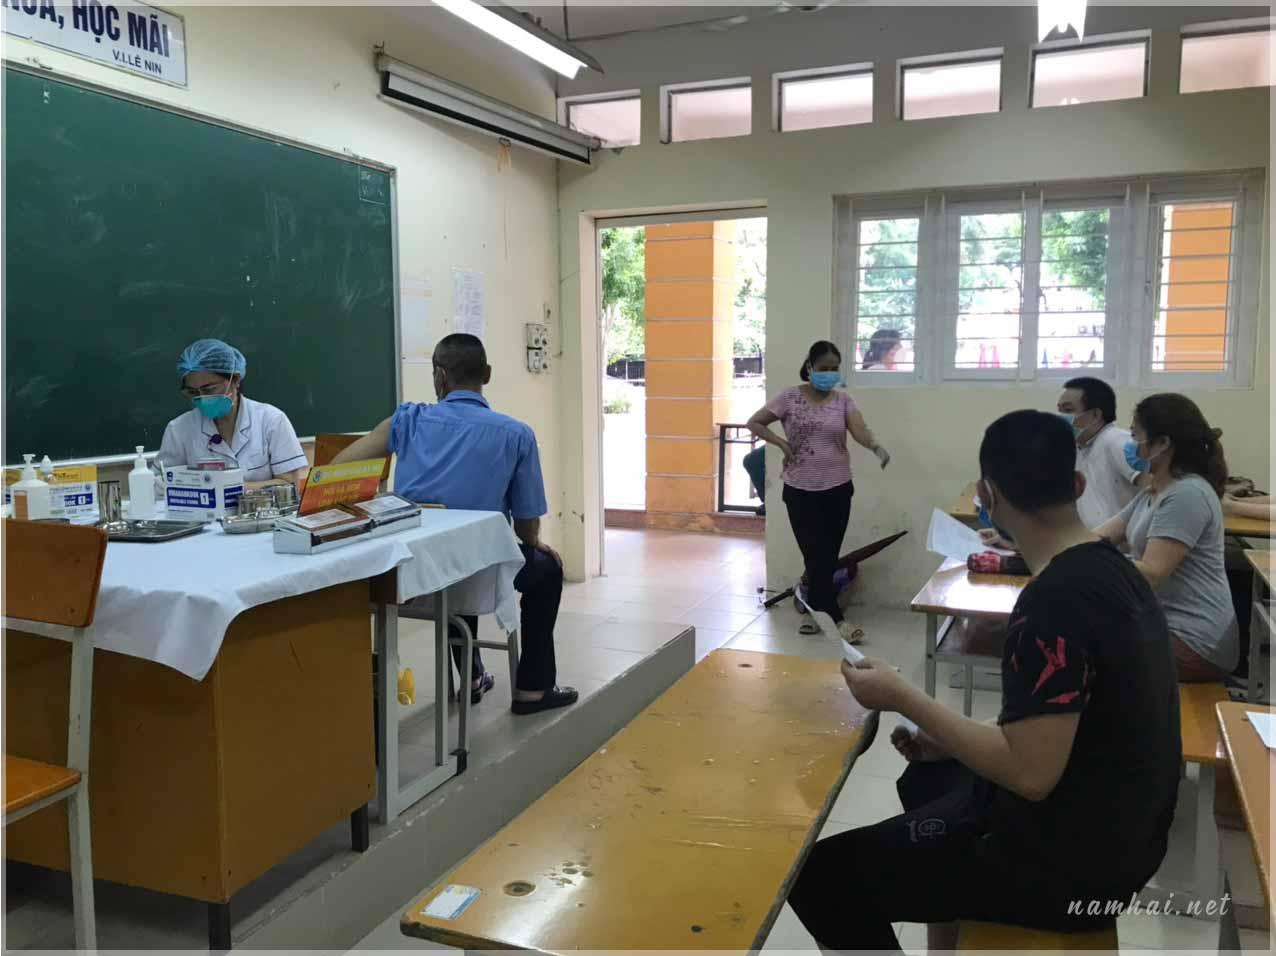 You are currently viewing Góc nhìn: Hành trình tiêm Vaccine Covid-19 Astrazeneca tại quận Thanh Xuân